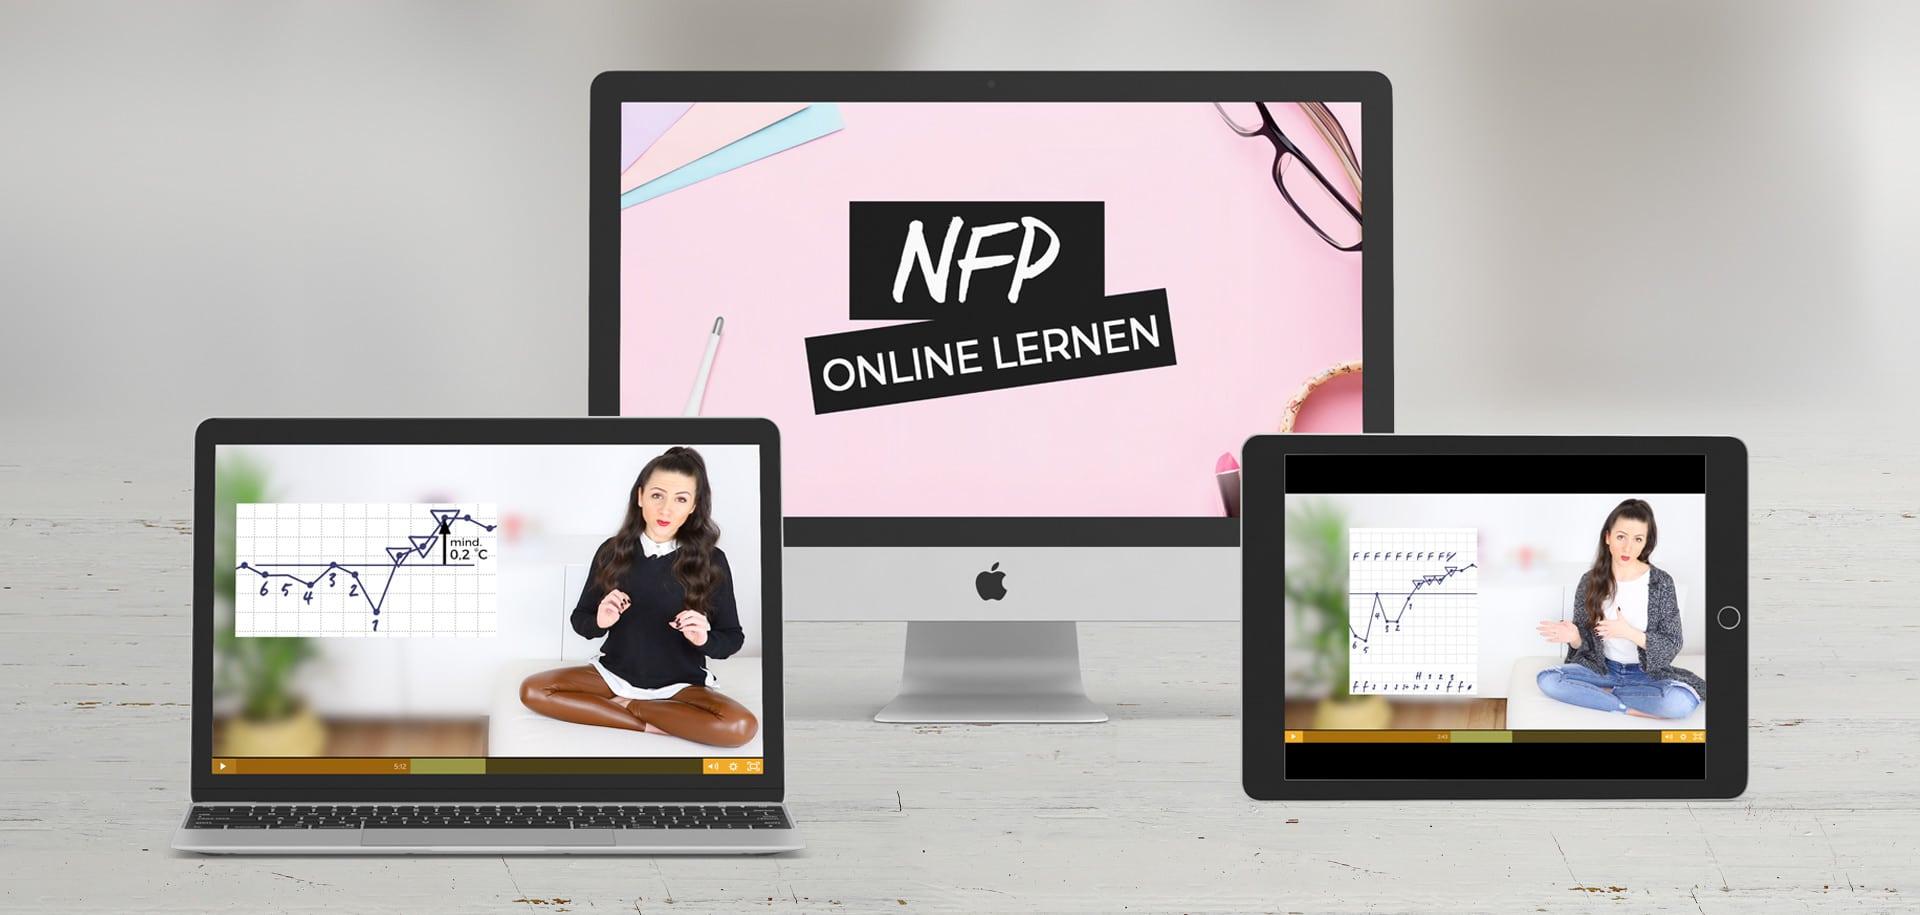 NFP Online lernen 1